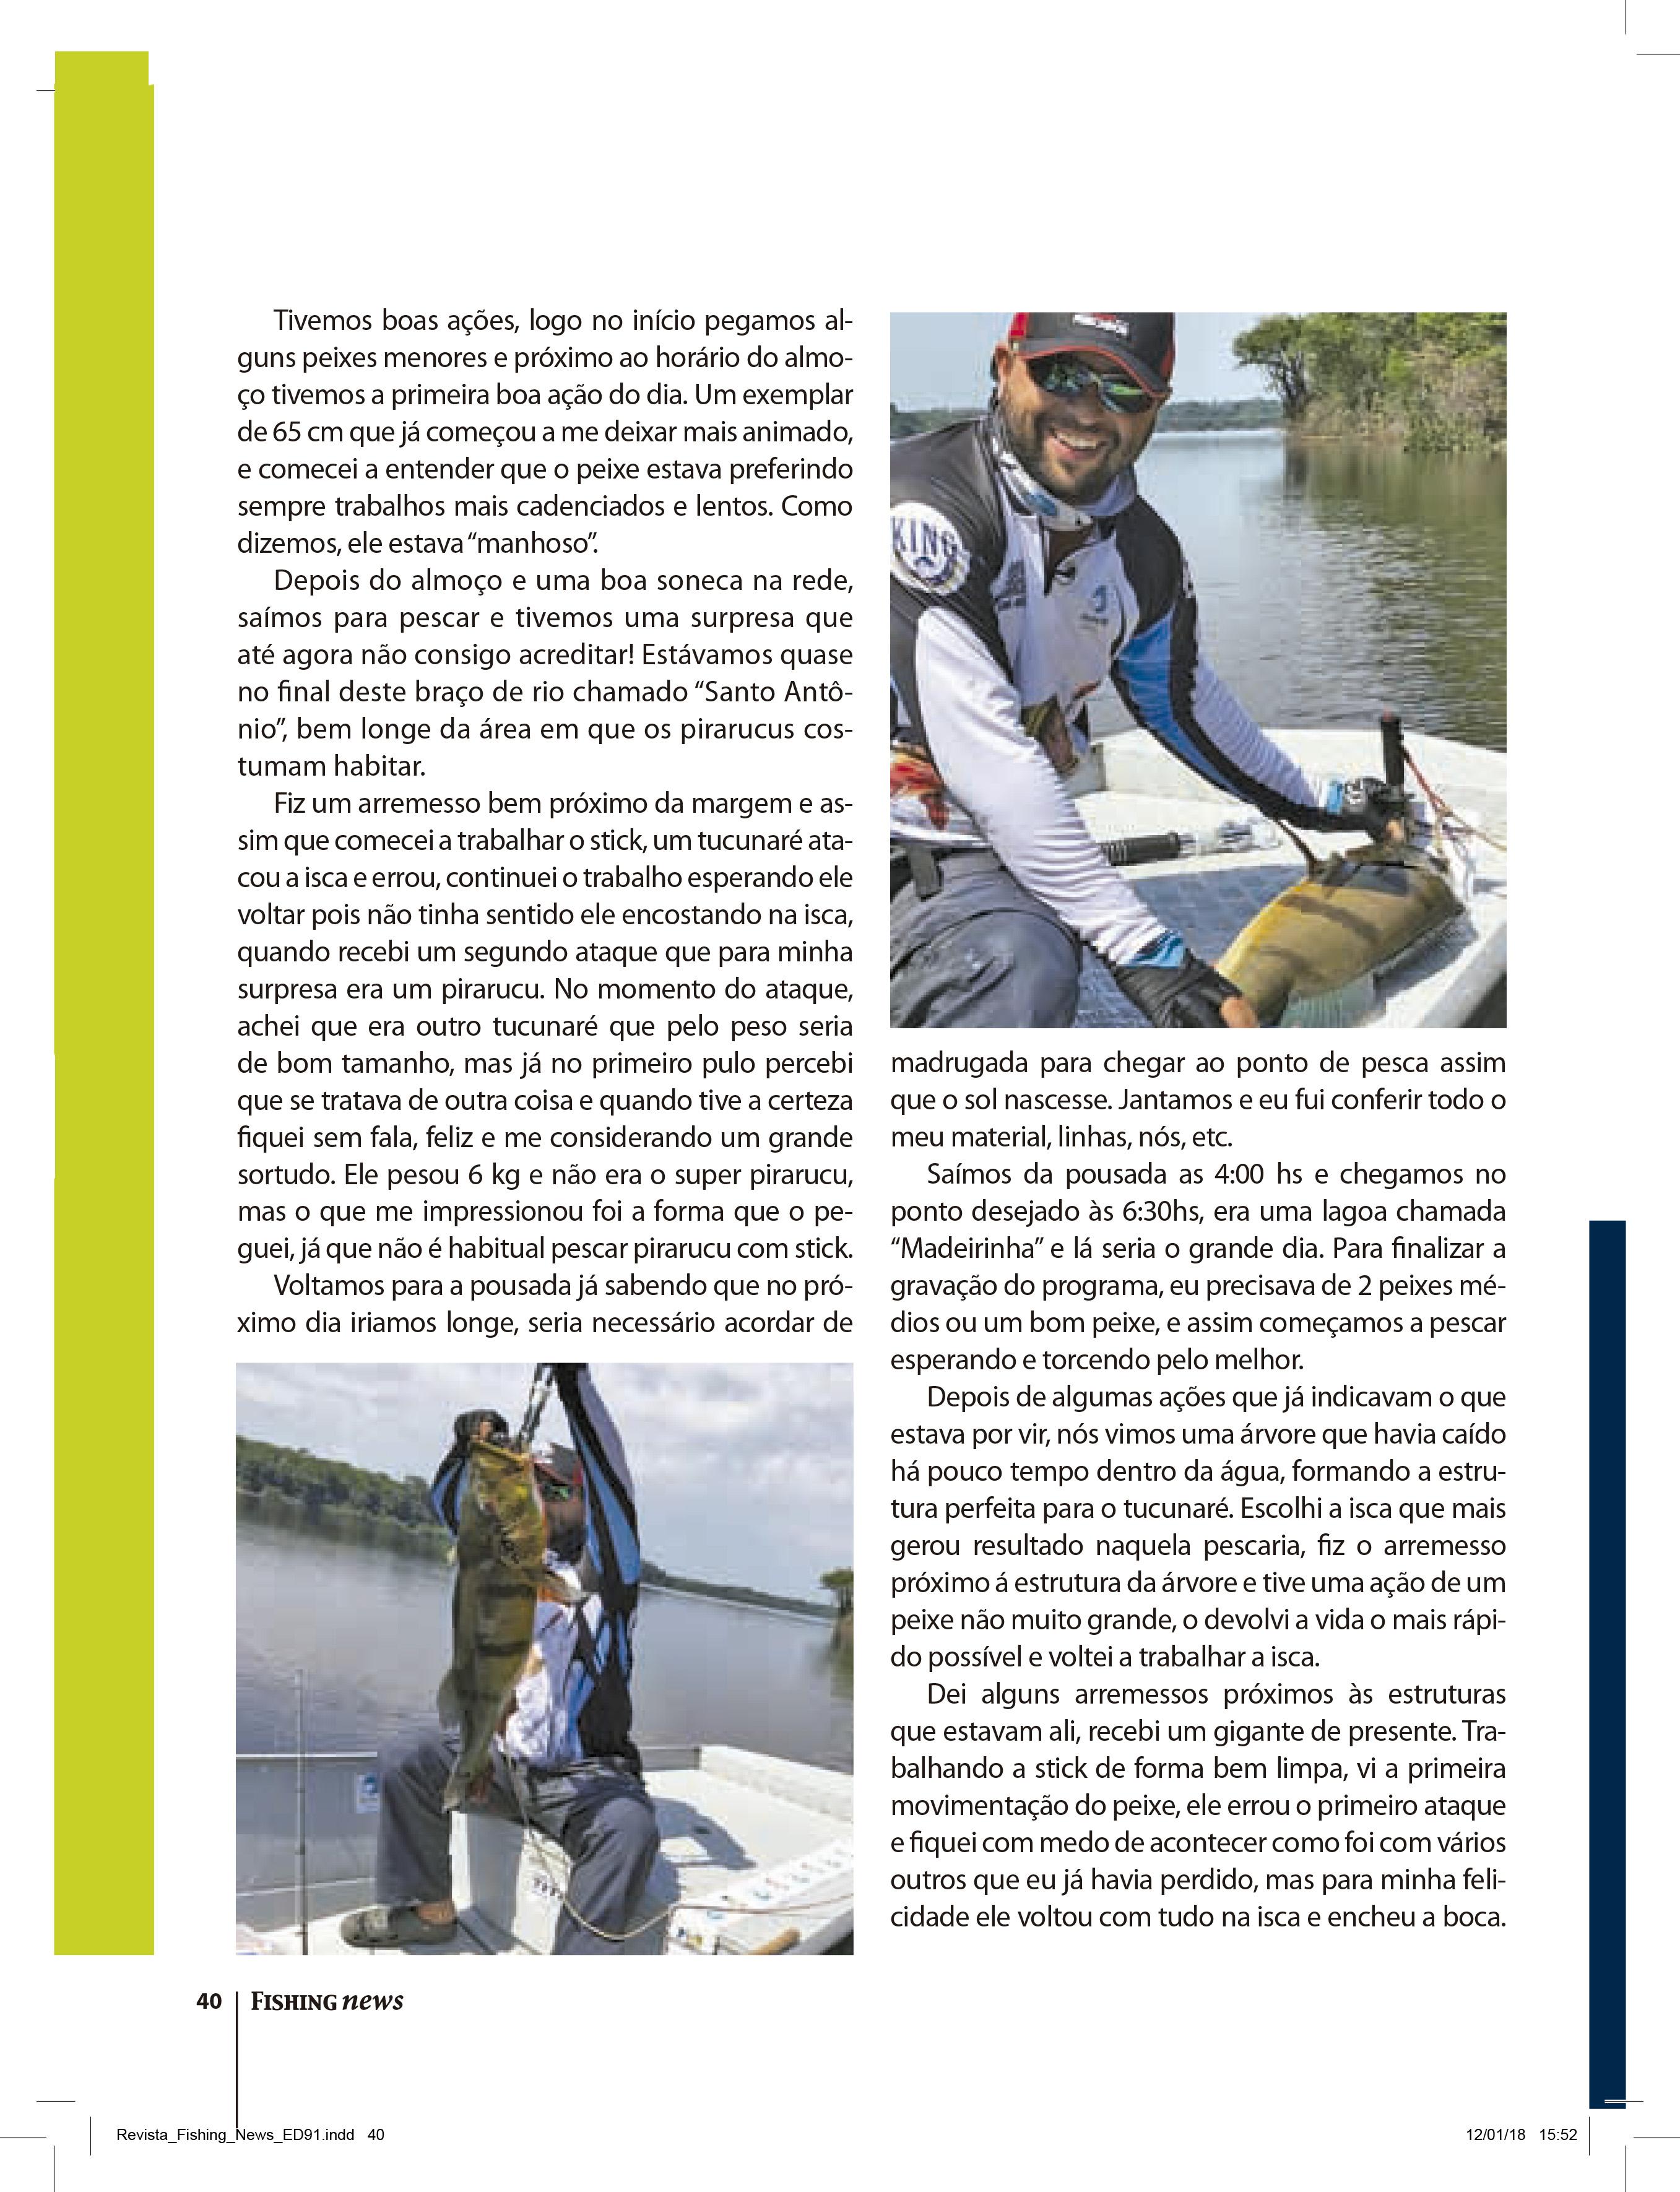 Revista Fishing News_ed 91_OP 47300_pdf prova-40